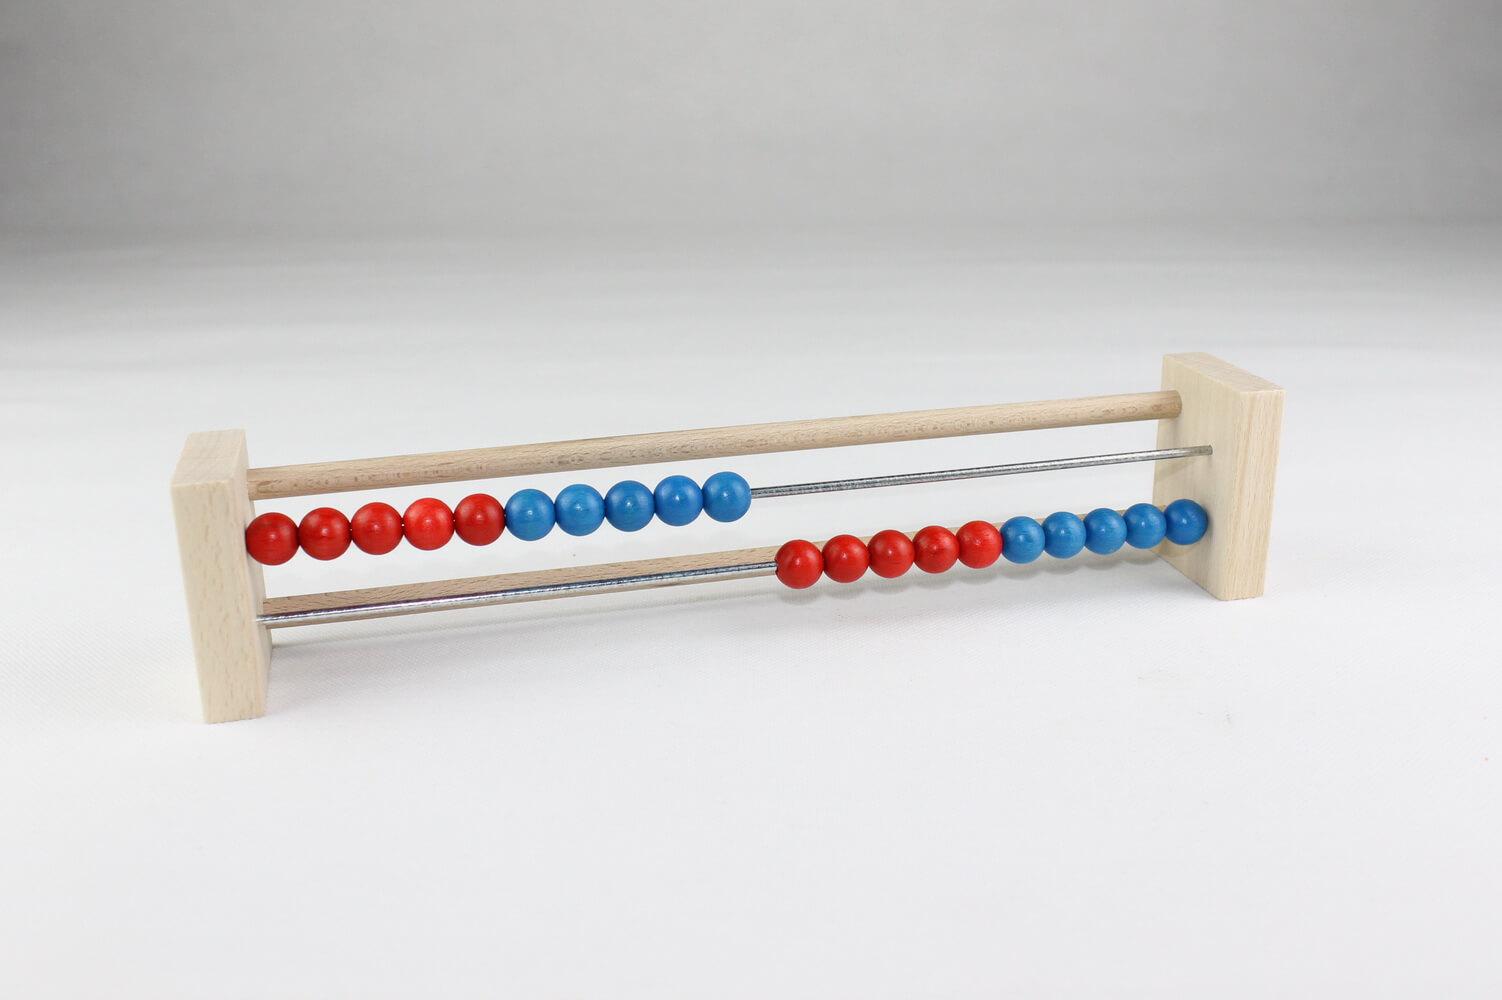 Abacus Schülerrechenrahmen 20 Kugeln aus Holz, 29 x 6 cm, Spielalter ab 3 Jahre, Erzgebirgische Holzspielwaren Ebert GmbH Olbernhau/ Erzgebirge